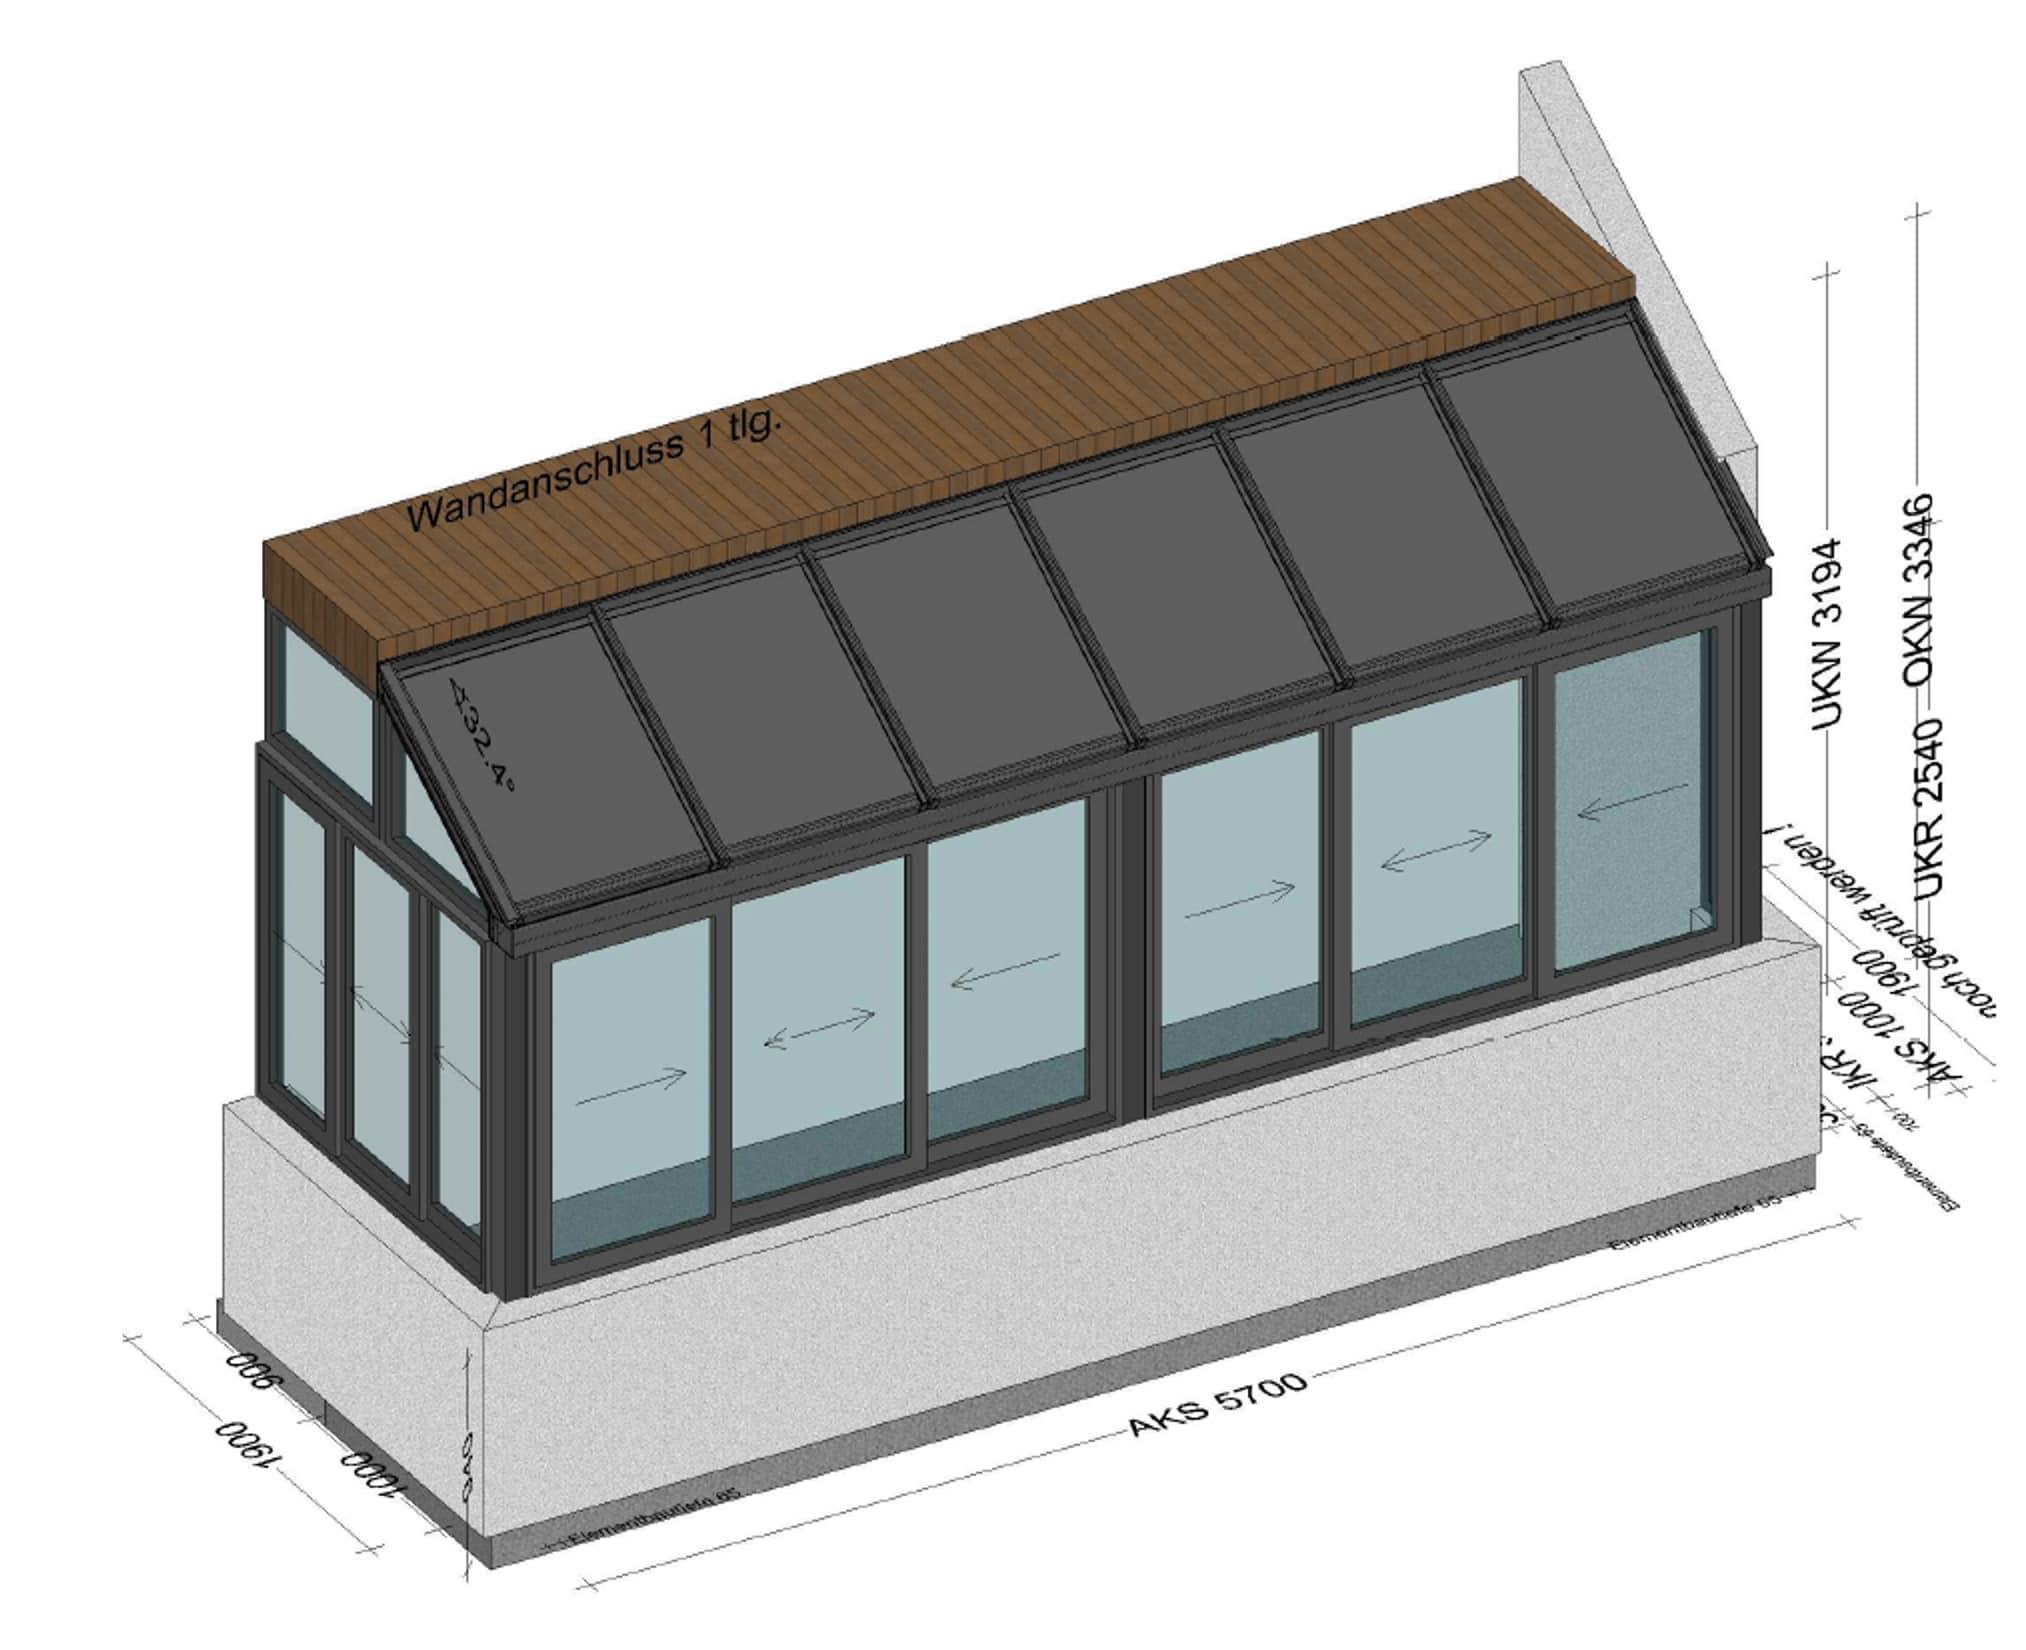 kleiner Wintergarten auf Balkon mit Schiebefenstern